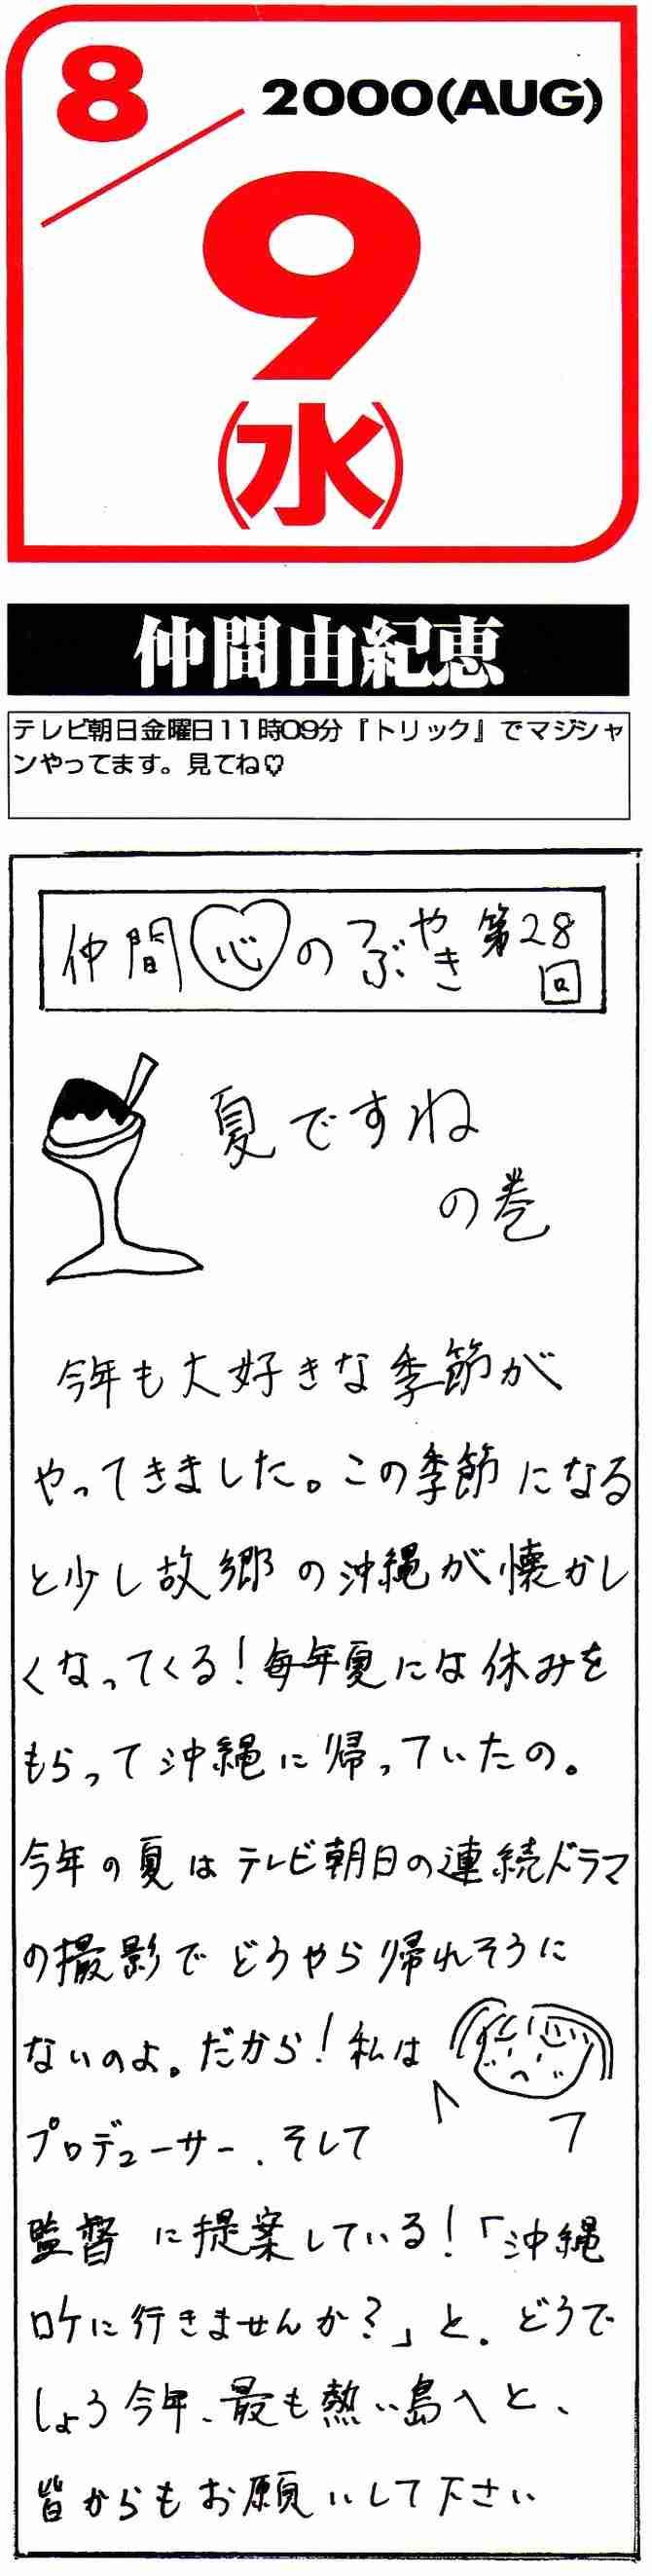 仲間由紀恵と斎藤工の字が残念すぎると話題に